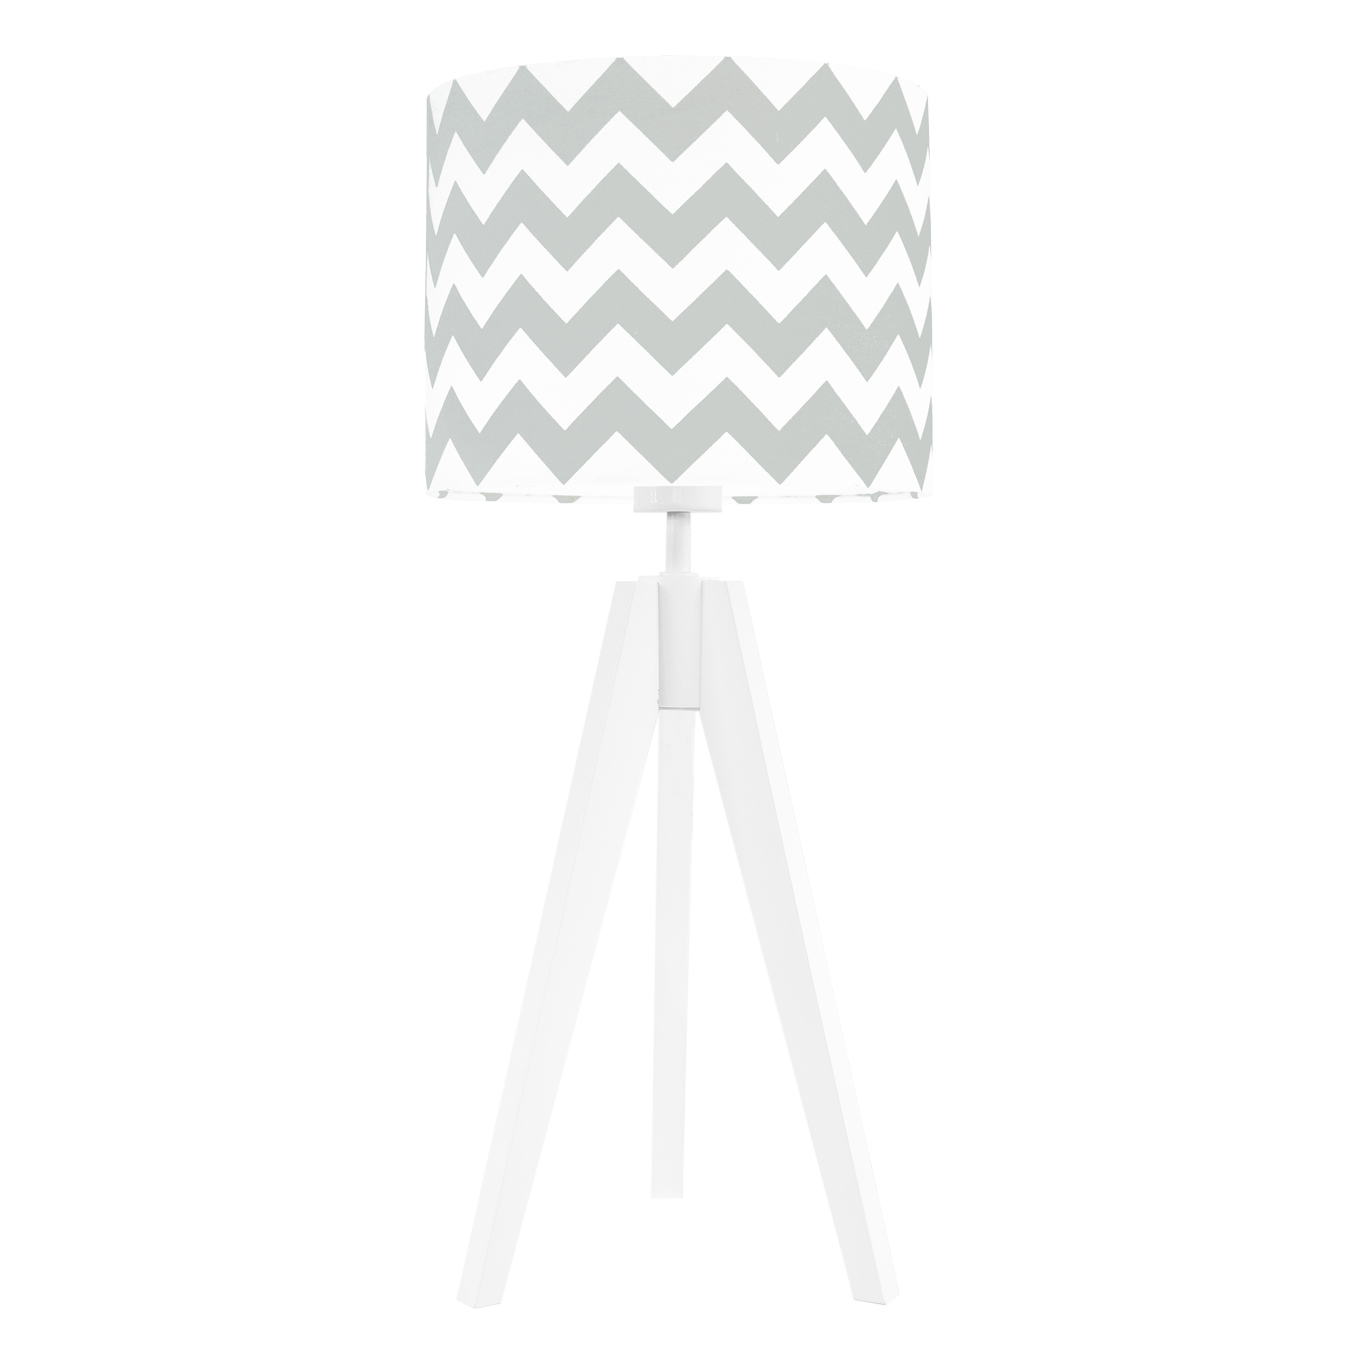 Lampa nocna na stolik trójnóg biała z abażurem chevron jasny szary